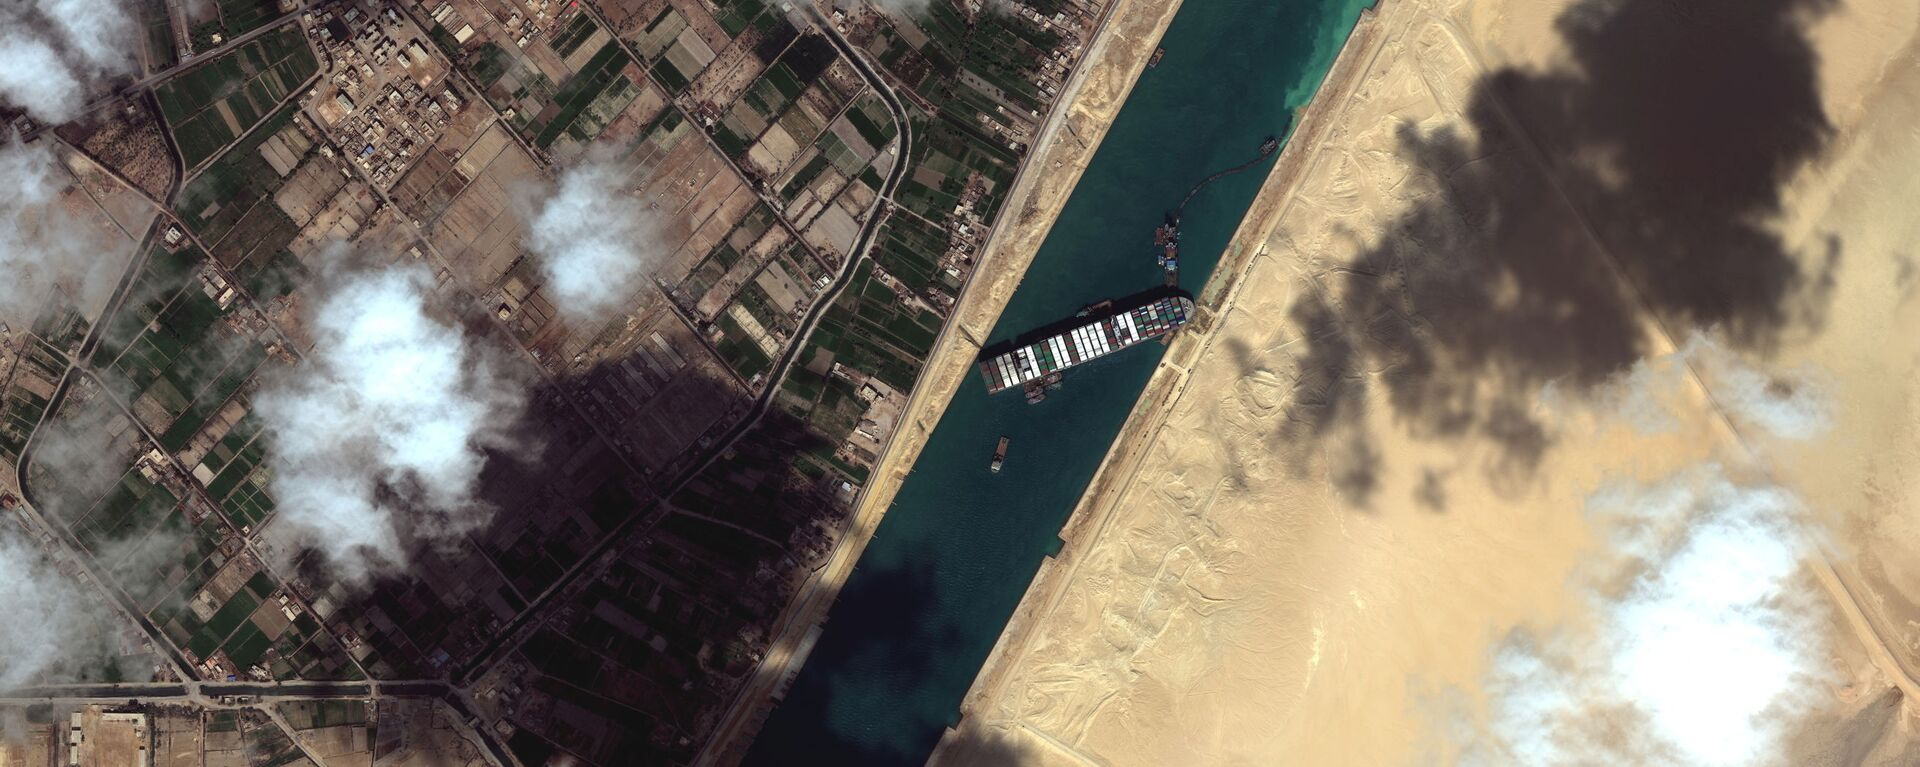 Pohled na kontejnerovou loď Ever Given v Suezském průplavu na satelitním snímku - Sputnik Česká republika, 1920, 28.03.2021